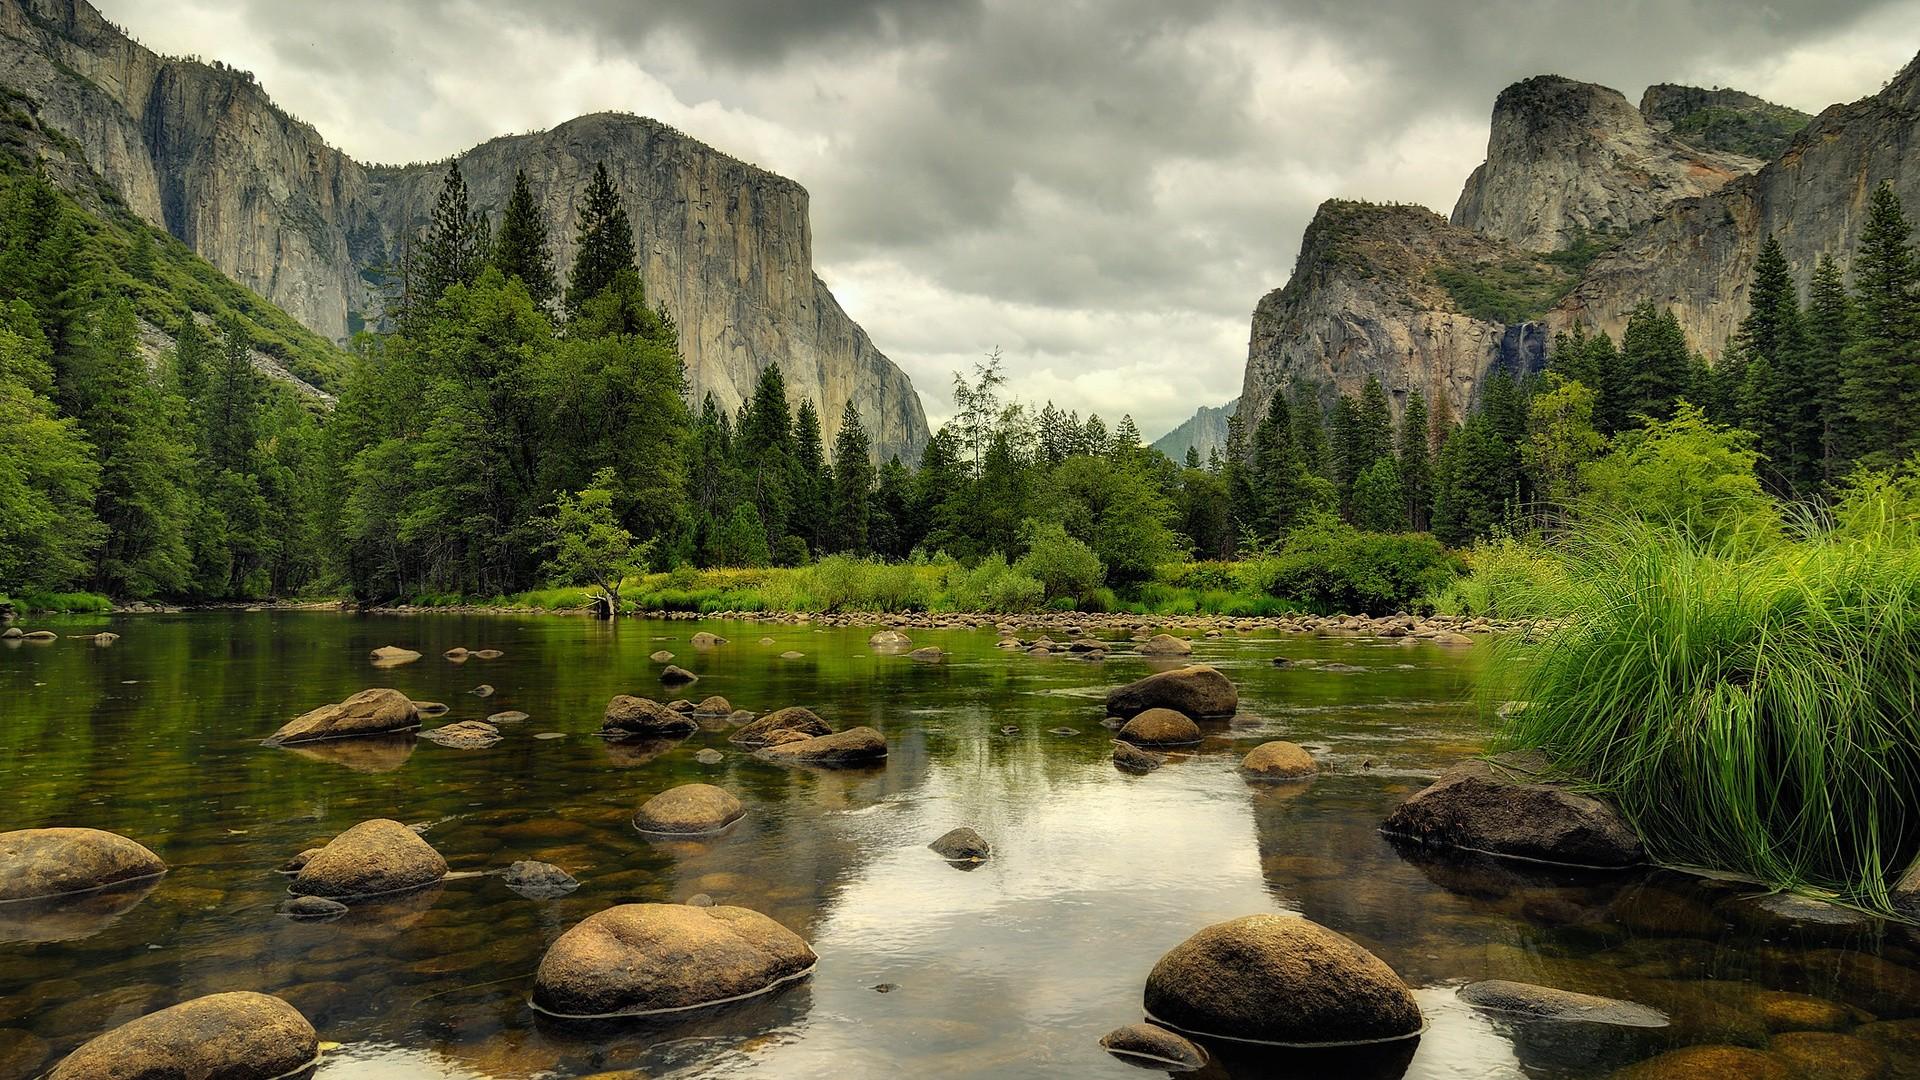 ヨセミテ国立公園の画像 p1_35